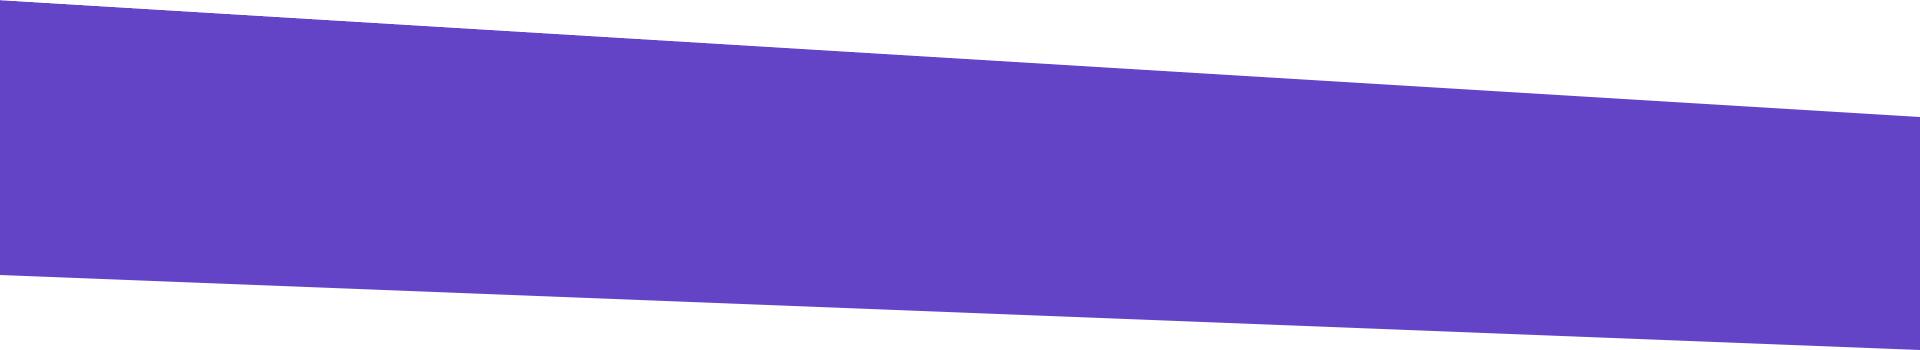 bandeau-violet-sans-soleil@1x1